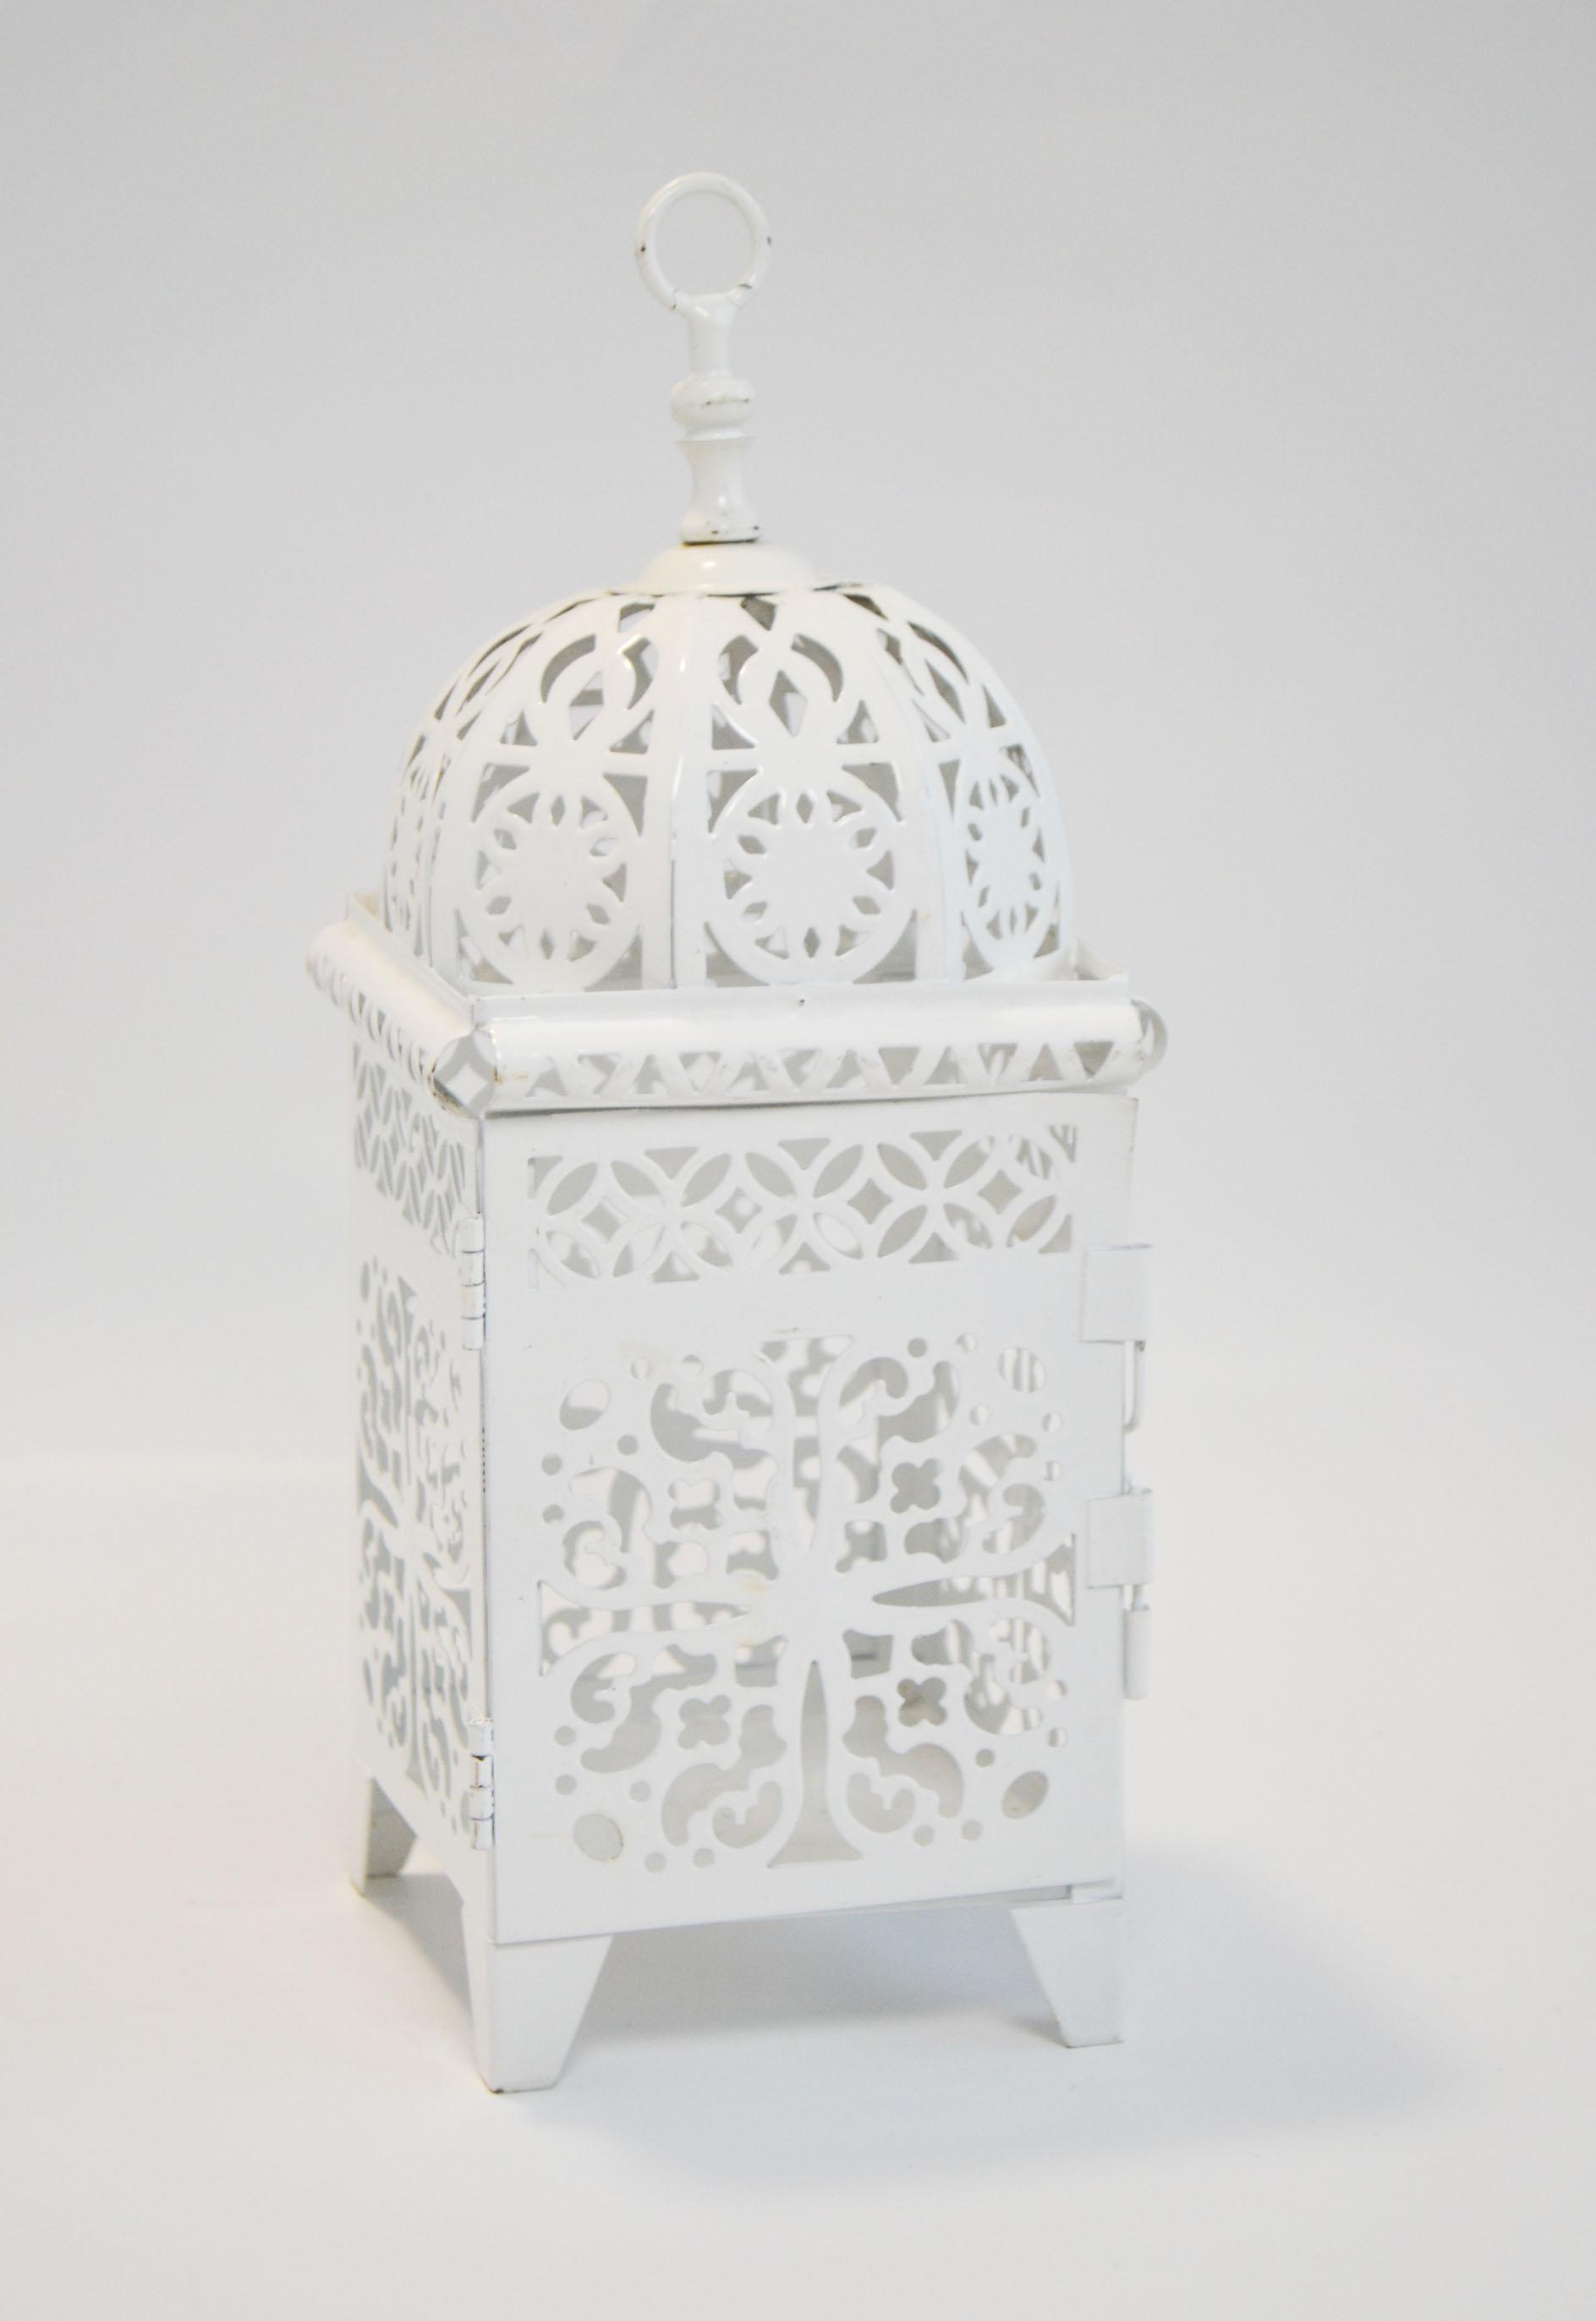 white moroccan lantern - small   Quantity: 23  Price: $12.00